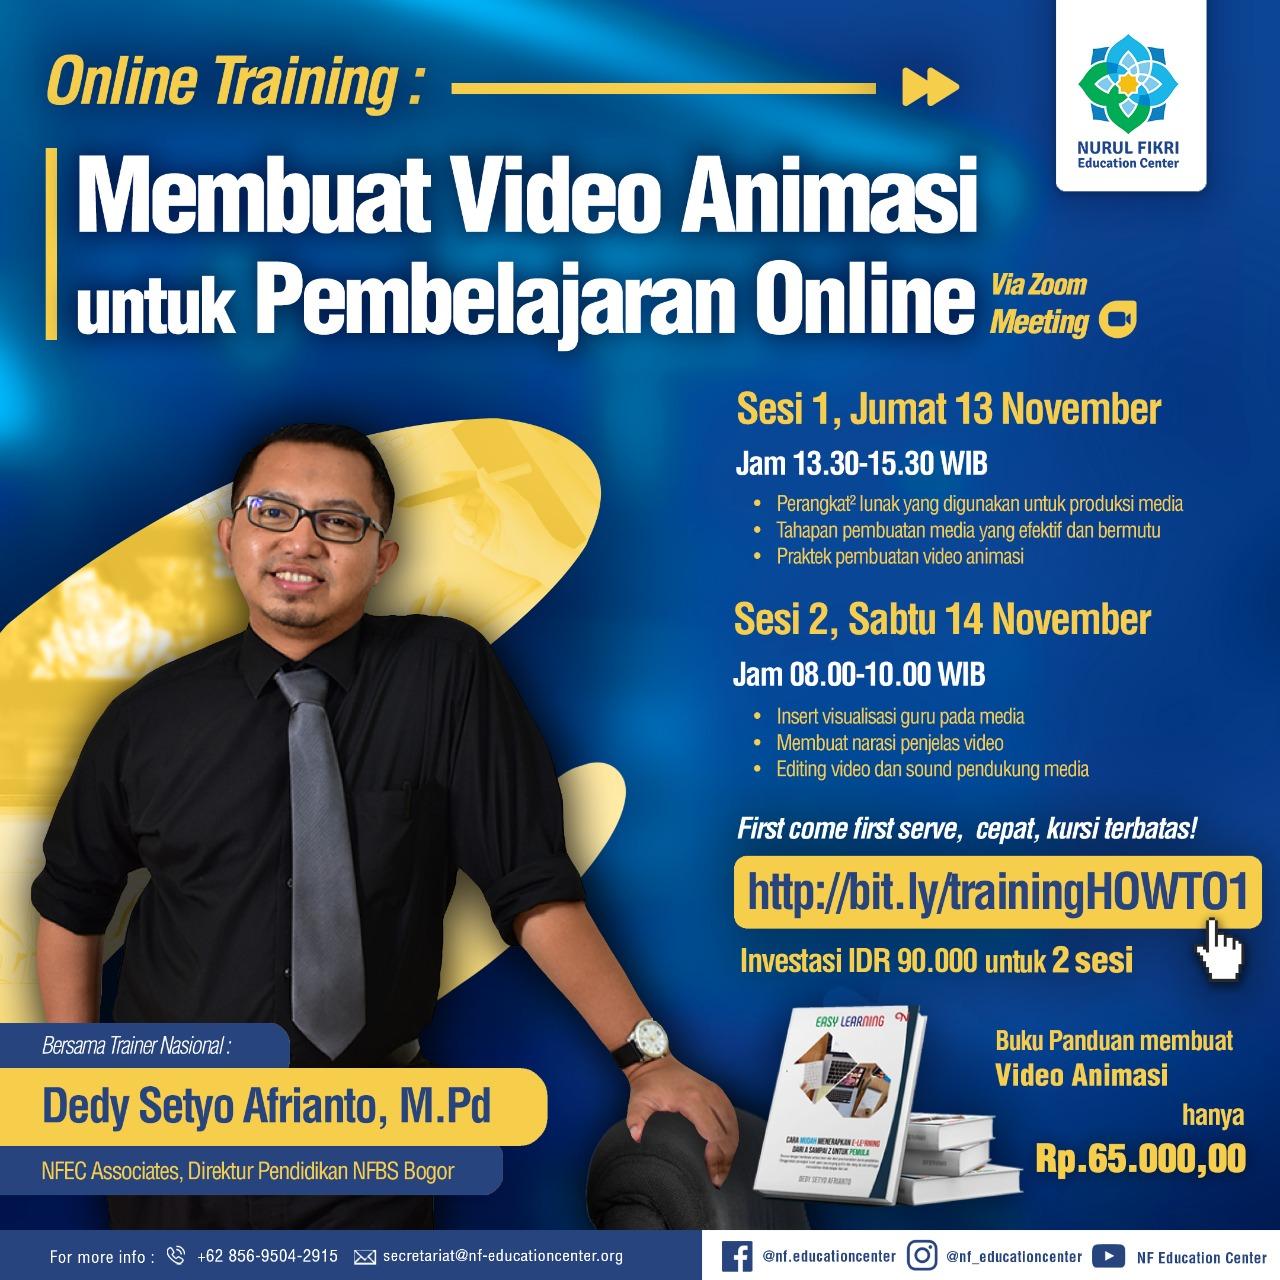 Online training  Membuat Video Animasi untuk pembelajaran. Kursi terbatas